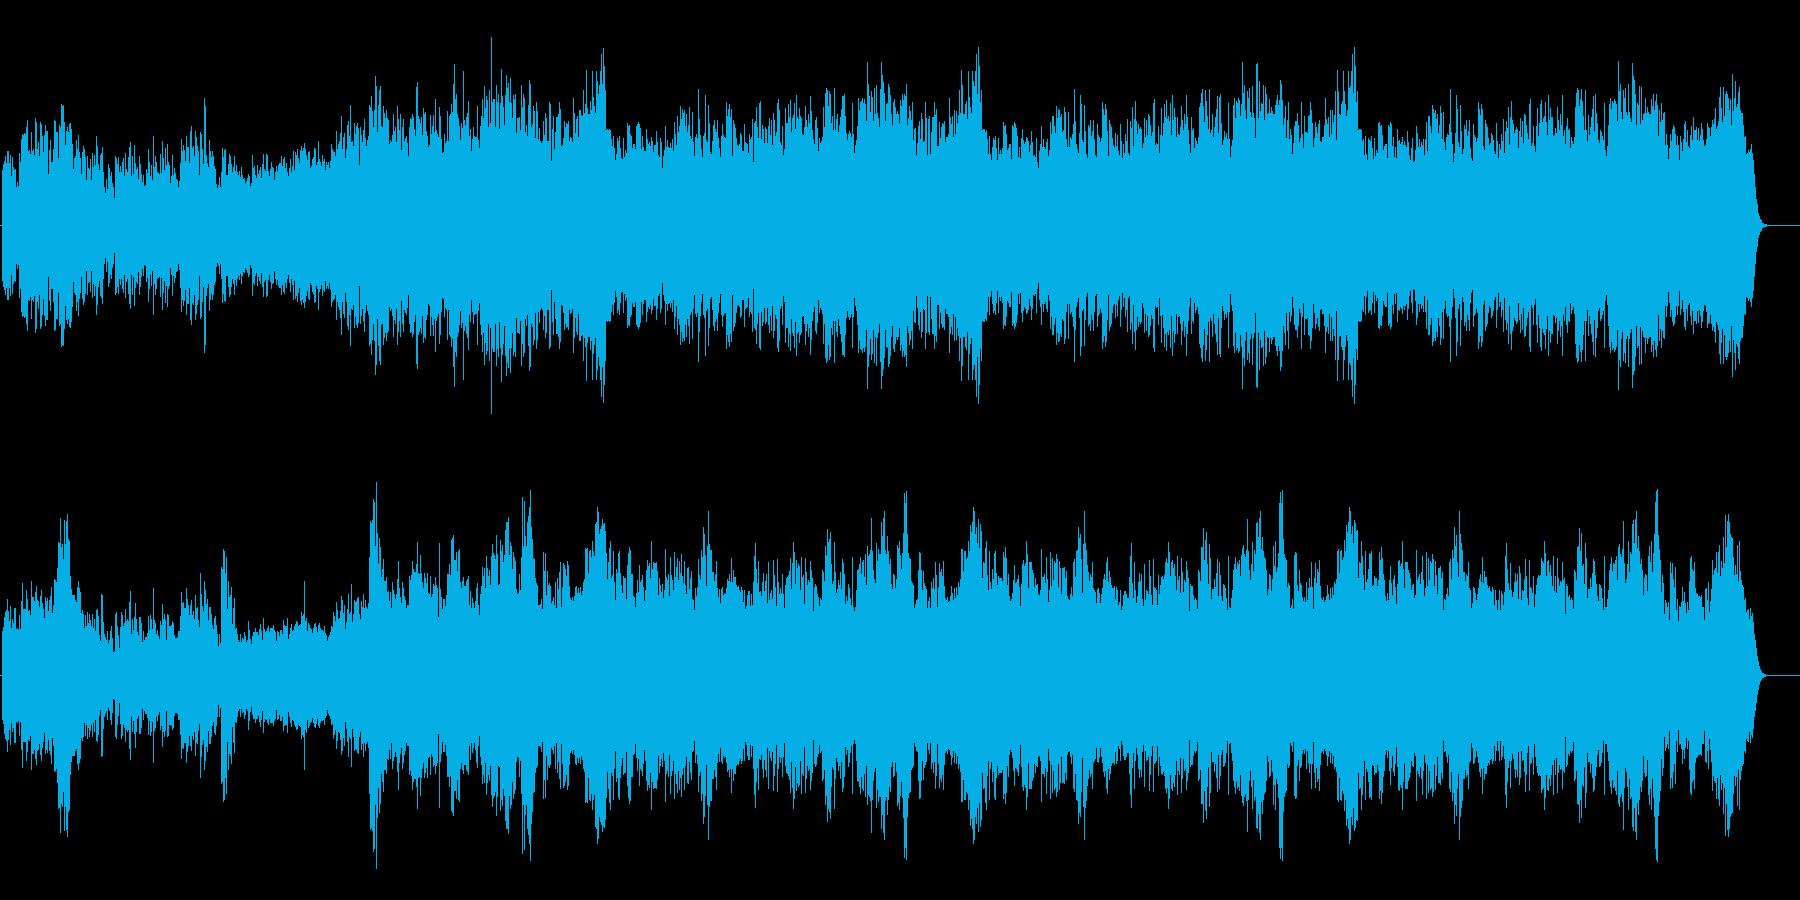 ナレーション引き立てる使い易いBGMの再生済みの波形